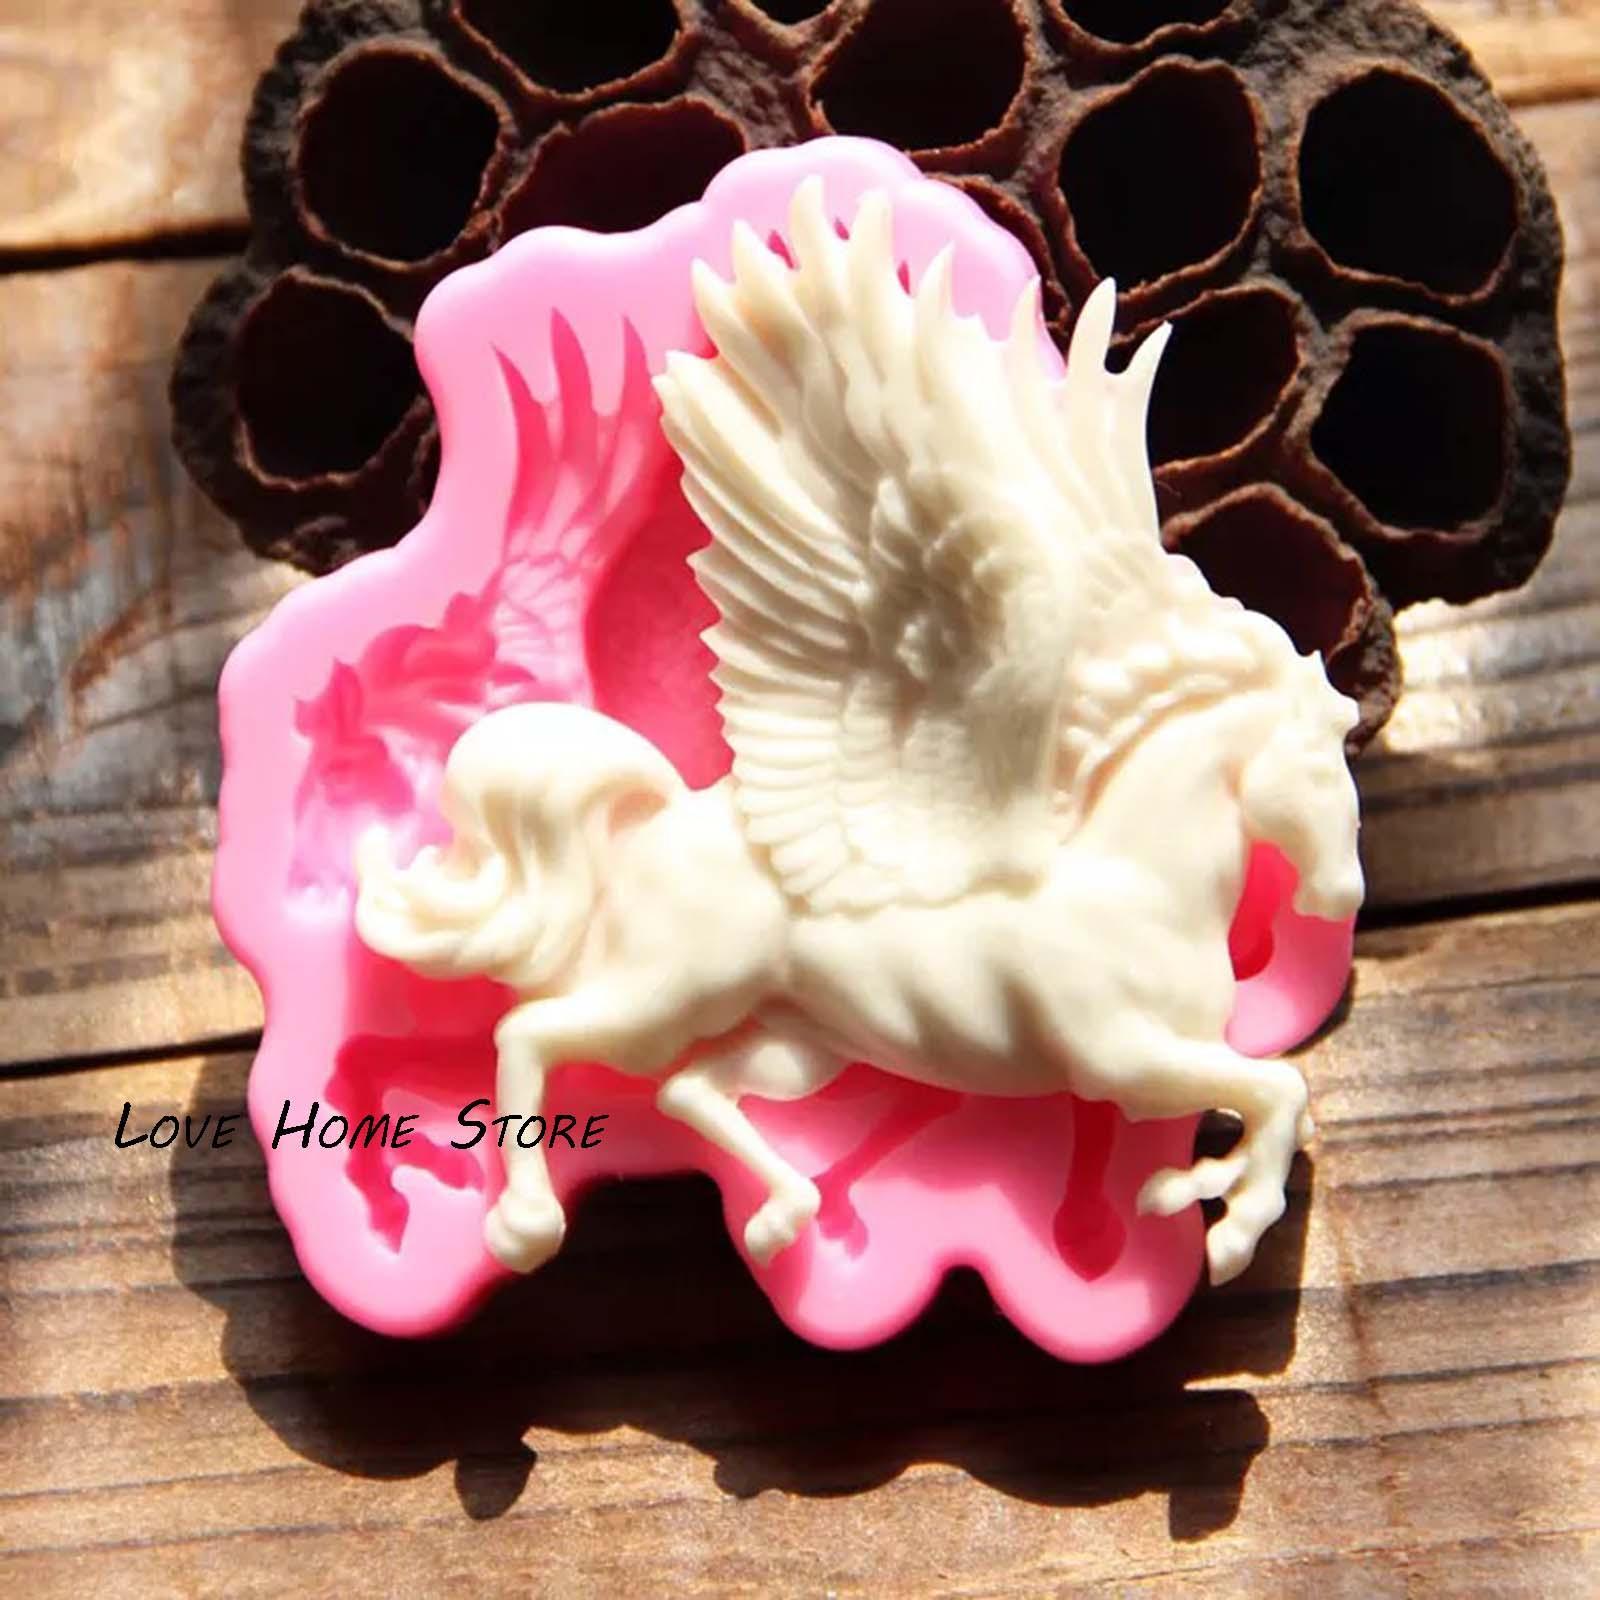 3D fai da te Pegasus silicone Stampi decorazioni al cioccolato fondente ghiaccio della gelatina biscotto candela che decora cottura strumenti di stampo sapone fatto a mano